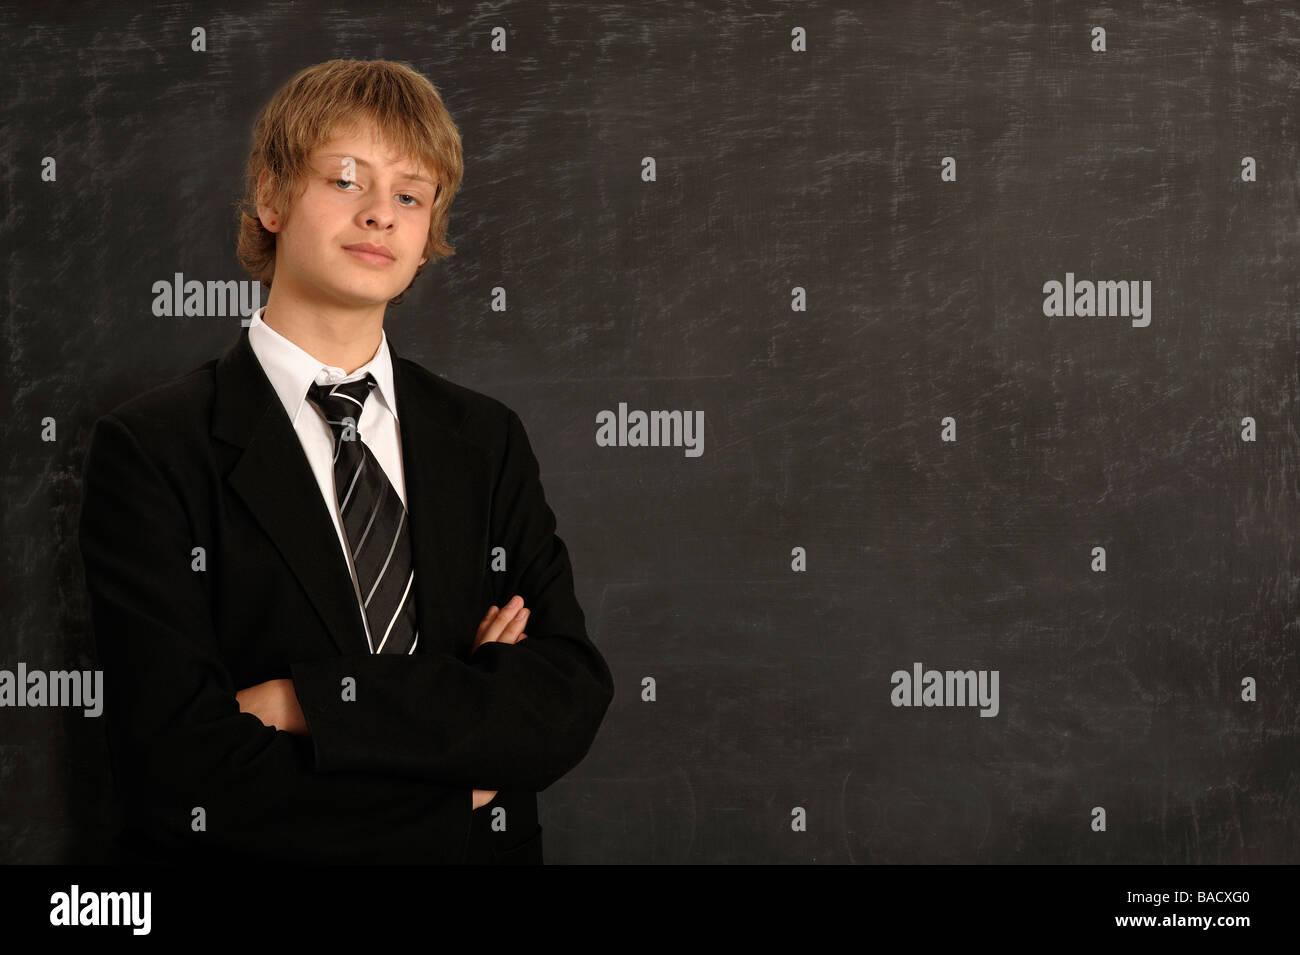 Écolier, debout devant un tableau noir Photo Stock